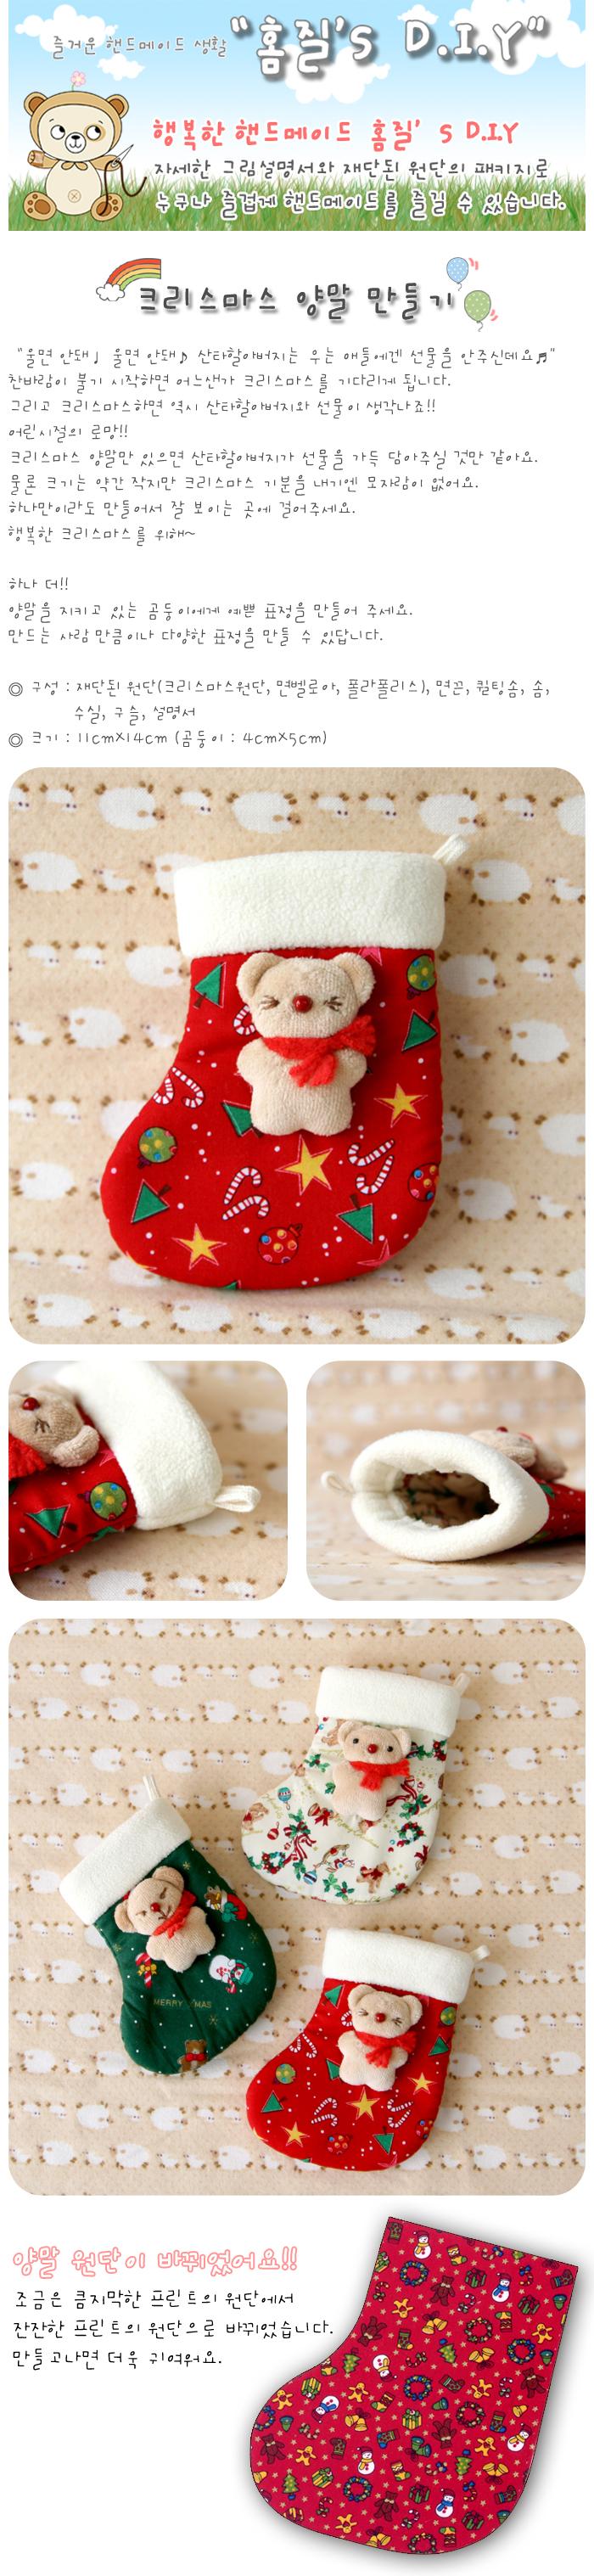 크리스마스 빨강양말 만들기 - 홈질, 12,000원, 퀼트/원단공예, 크리스마스용품 패키지